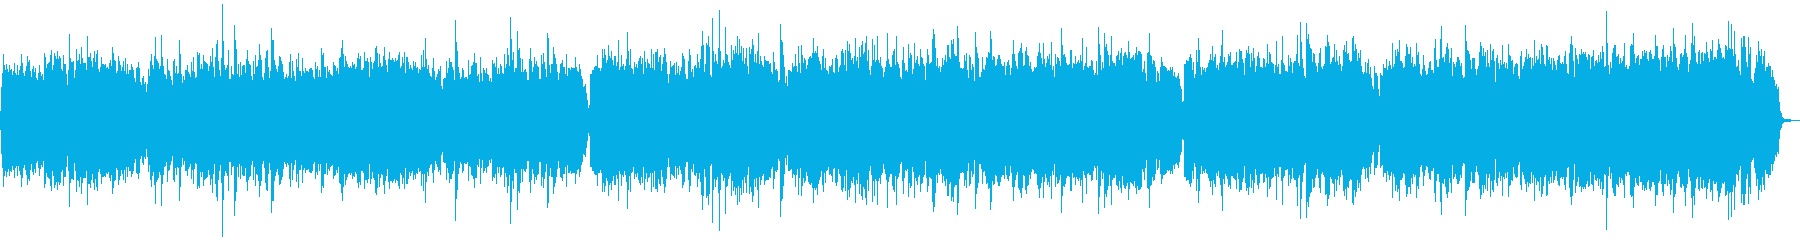 生ヴァイオリン!バッハ、G線上のアリアの再生済みの波形